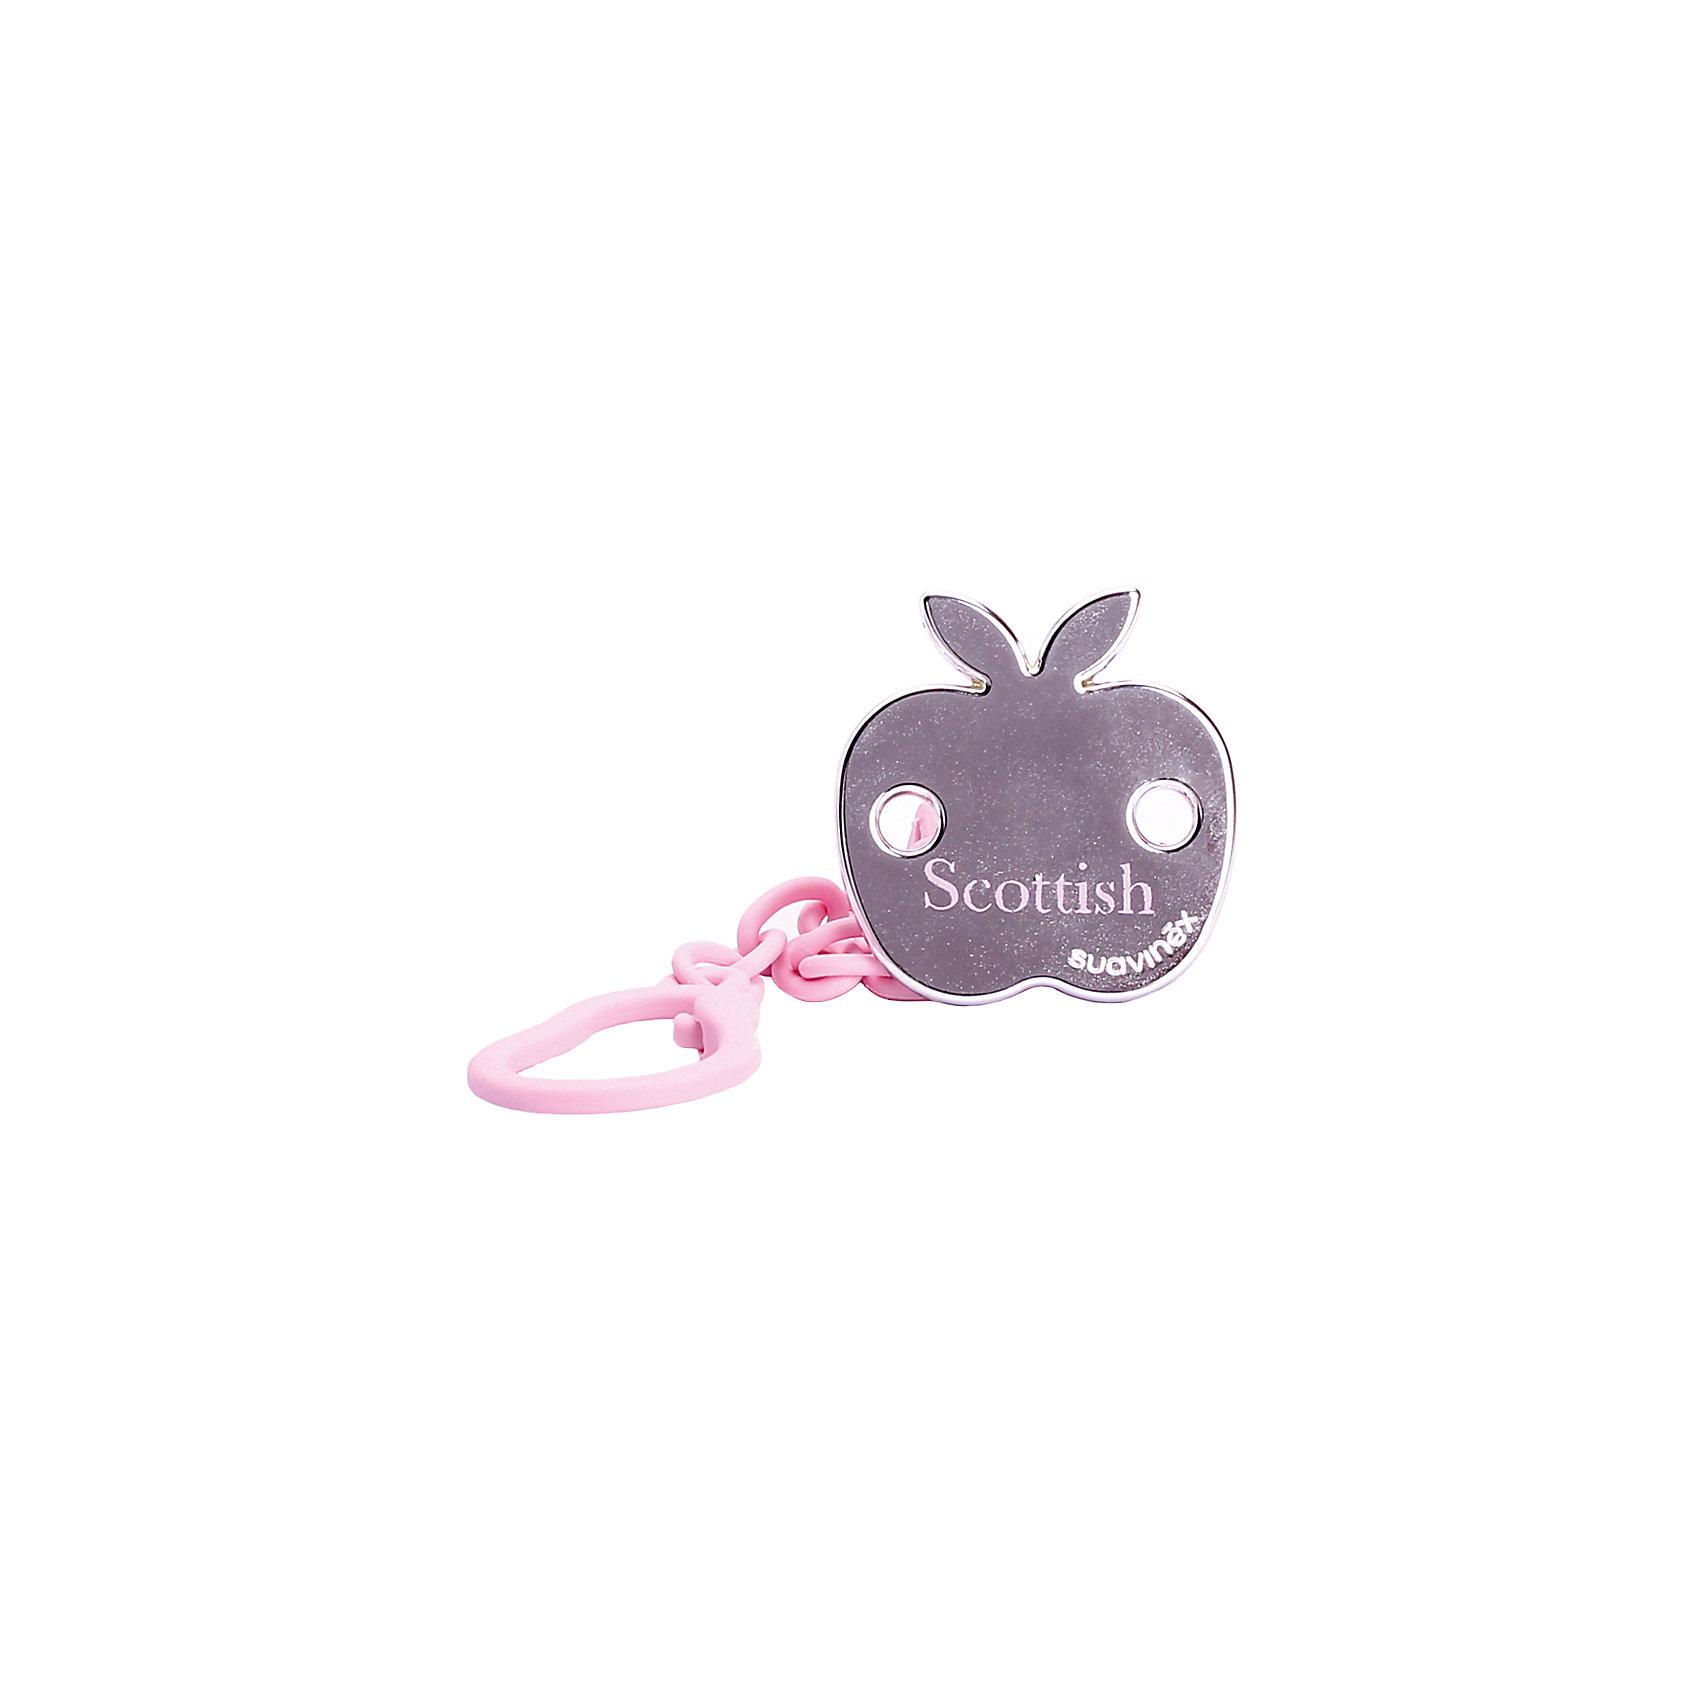 Держатель для пустышки SCOTTISH с зажимом, Suavinex, розовое яблокоПустышки и аксессуары<br>Характеристики:<br><br>• Наименование: держатель для пустышки<br>• Пол: для девочки<br>• Материал: пластик<br>• Цвет: розовый, золотистый<br>• Рисунок: яблоко<br>• Универсальный механизм для закрепления любых пустышек<br>• Вид держателя: на цепочке с клипсой<br>• Покрытие с эффектом позолоты<br>• Вес: 30 г<br>• Параметры (Д*Ш*В): 5,4*6,5*10,9 см <br>• Особенности ухода: можно мыть в теплой воде, допускается стерилизация<br><br>Держатель для пустышки SCOTTISH с зажимом, Suavinex, розовое яблоко изготовлен испанским торговым брендом, специализирующимся на выпуске товаров для кормления и аксессуаров для младенцев. Продукция от Suavinex премиум-класса разработана из экологически безопасных и прочных материалов, устойчивых к повреждениям, появлению царапин и изменению цвета. <br><br>Держатель для пустышки выполнен в виде цепочки с крупными звеньями, С одной стороны, у держателя предусмотрено кольцо, с другой – клипса. Клипса оформлена в брендовом дизайне в виде яблока с эффектом позолоты. Держатель для пустышки SCOTTISH с зажимом, Suavinex, розовое яблоко – это не только необходимый предмет ухода за младенцем, но и стильный аксессуар. <br><br>Держатель для пустышки SCOTTISH с зажимом, Suavinex, розовое яблоко можно купить в нашем интернет-магазине.<br><br>Ширина мм: 54<br>Глубина мм: 65<br>Высота мм: 109<br>Вес г: 30<br>Возраст от месяцев: 0<br>Возраст до месяцев: 24<br>Пол: Женский<br>Возраст: Детский<br>SKU: 5451301